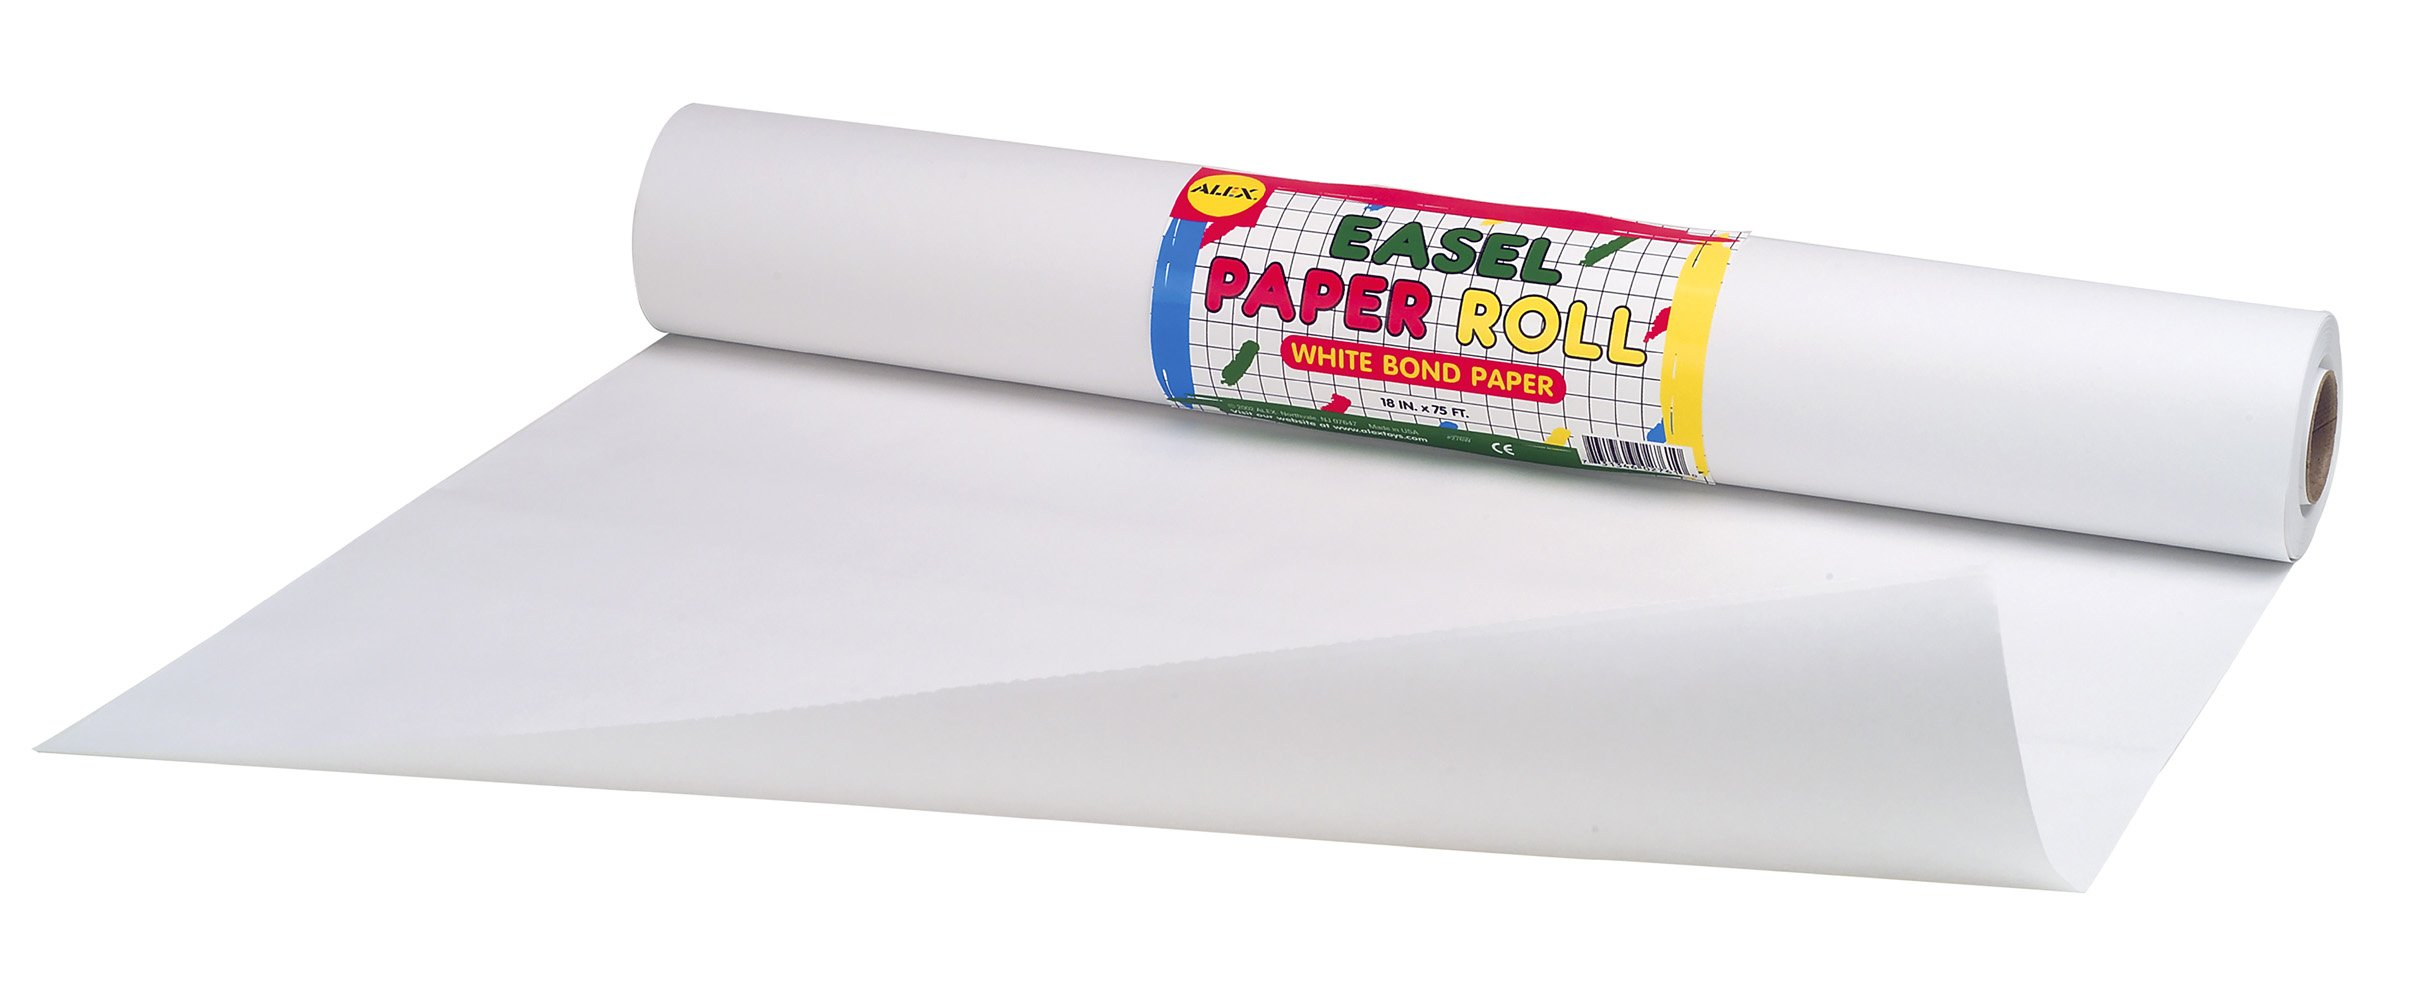 18 Quot X 75 45cm X 23m Long White Bond Paper Fits Alex